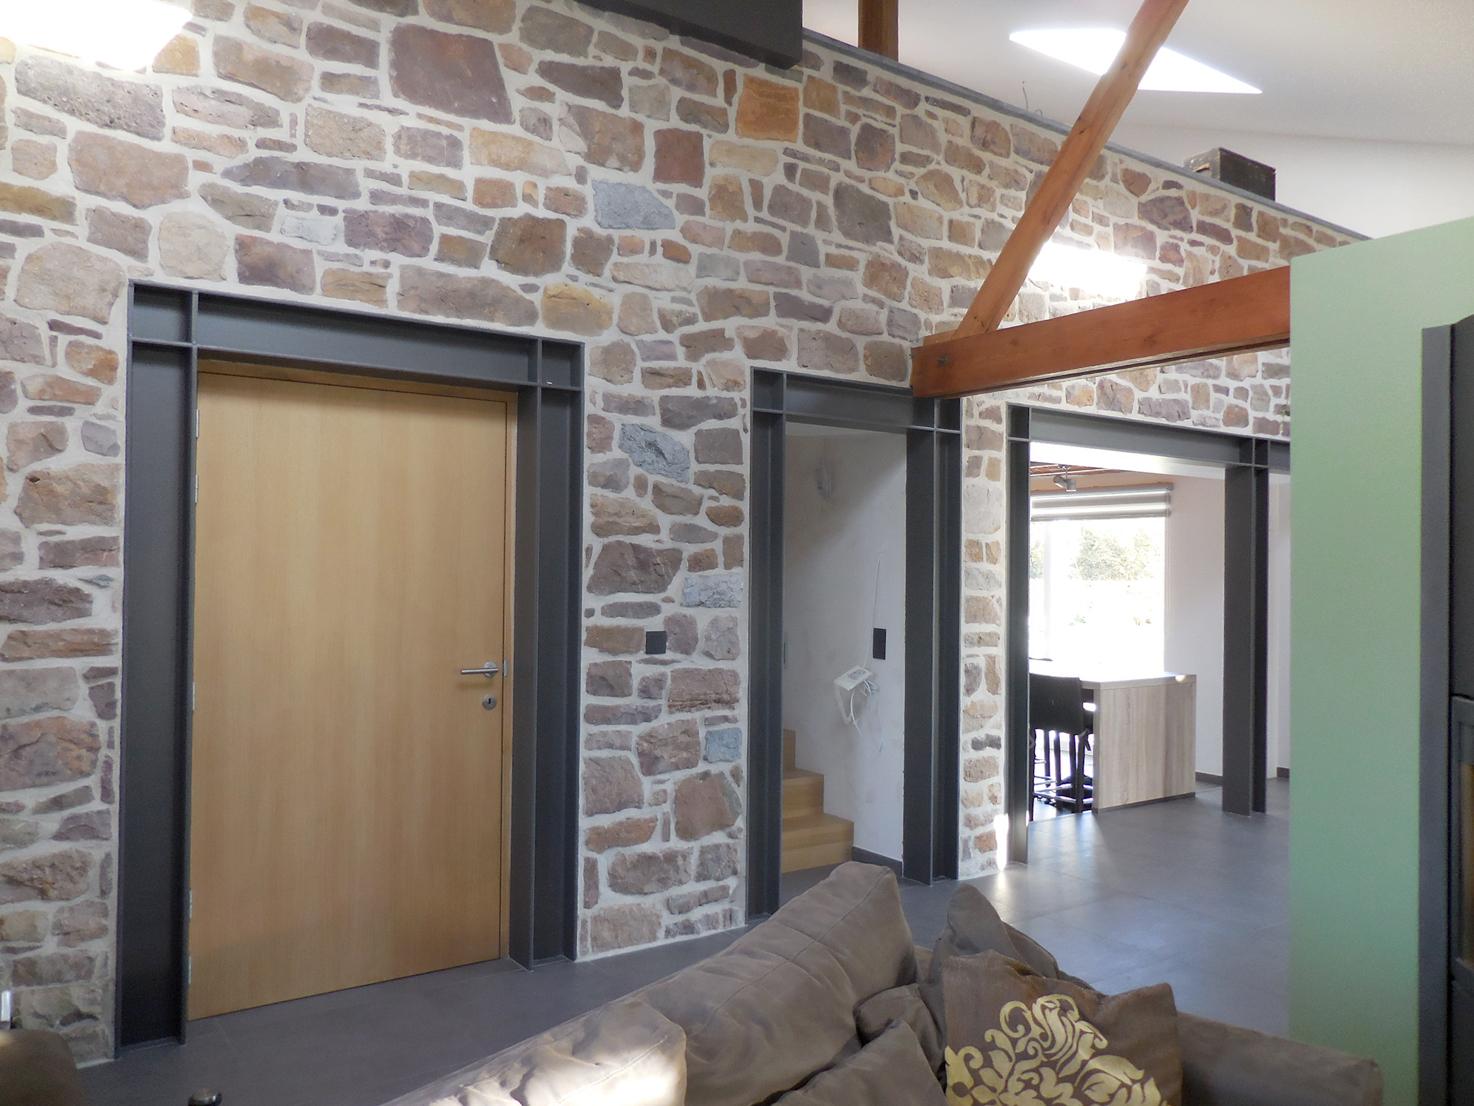 salon 3 architecte d 39 int rieur wallonie. Black Bedroom Furniture Sets. Home Design Ideas